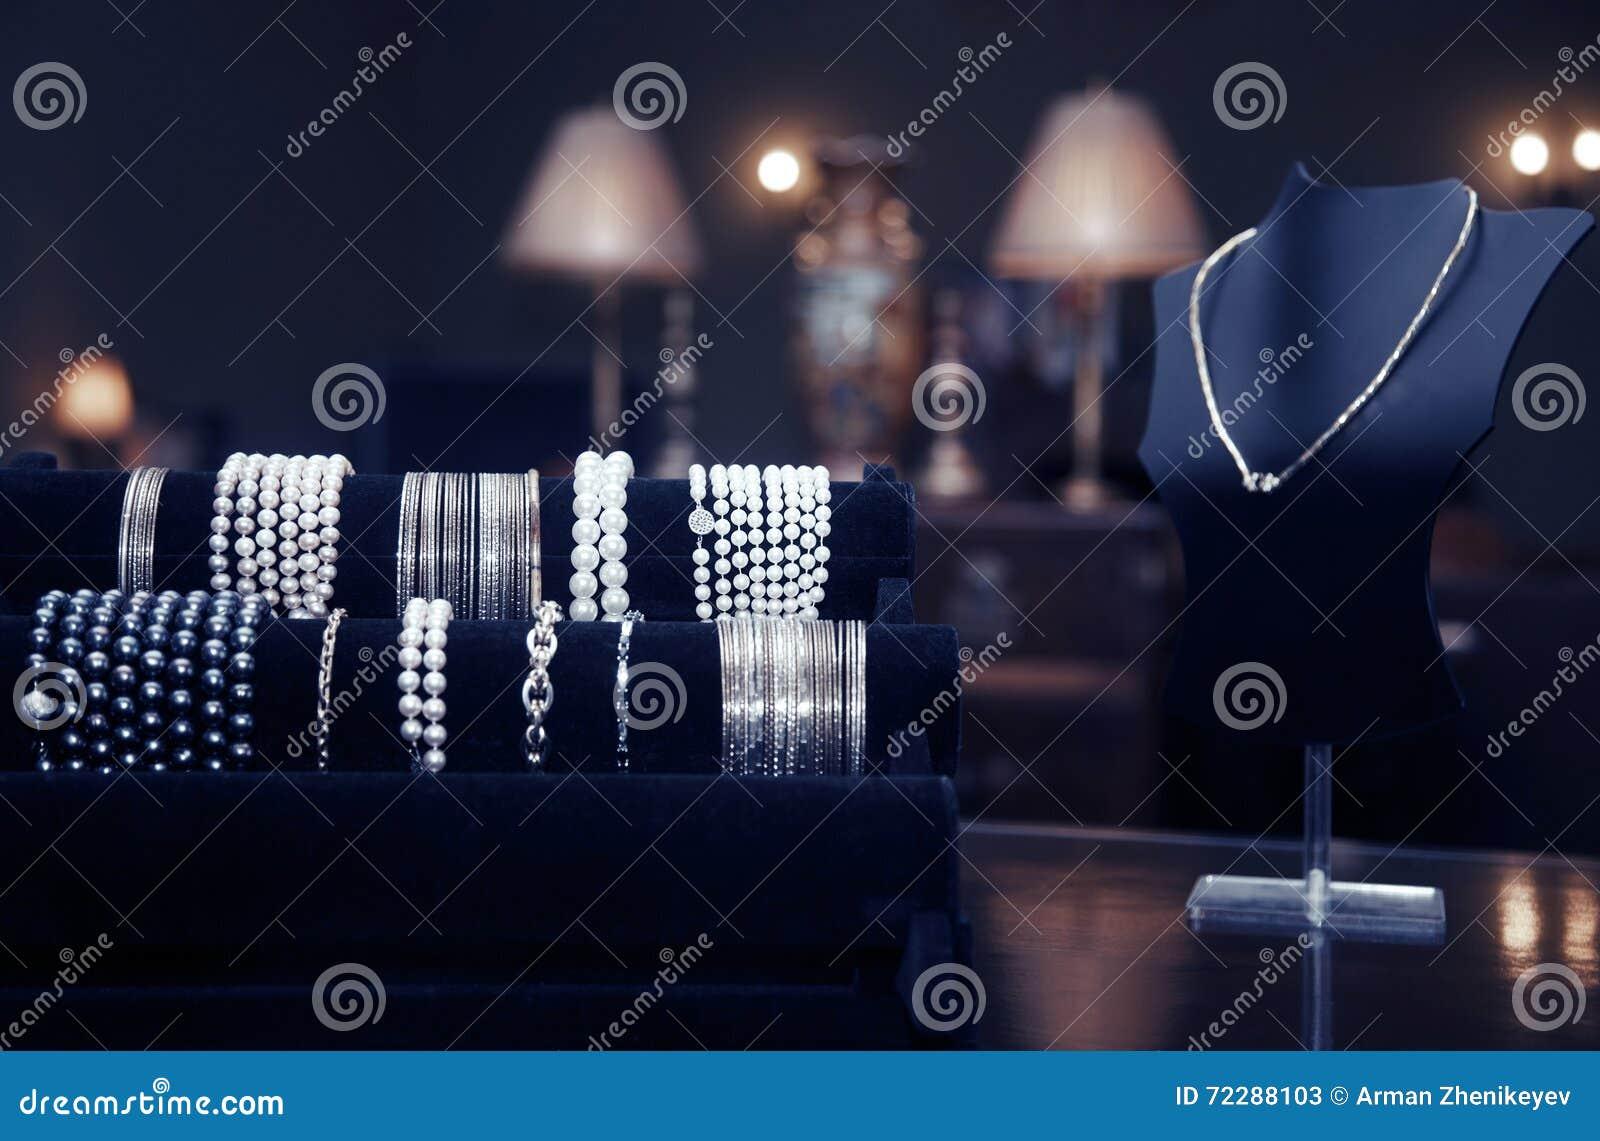 Download магазин ювелирных изделий стоковое изображение. изображение насчитывающей освещение - 72288103